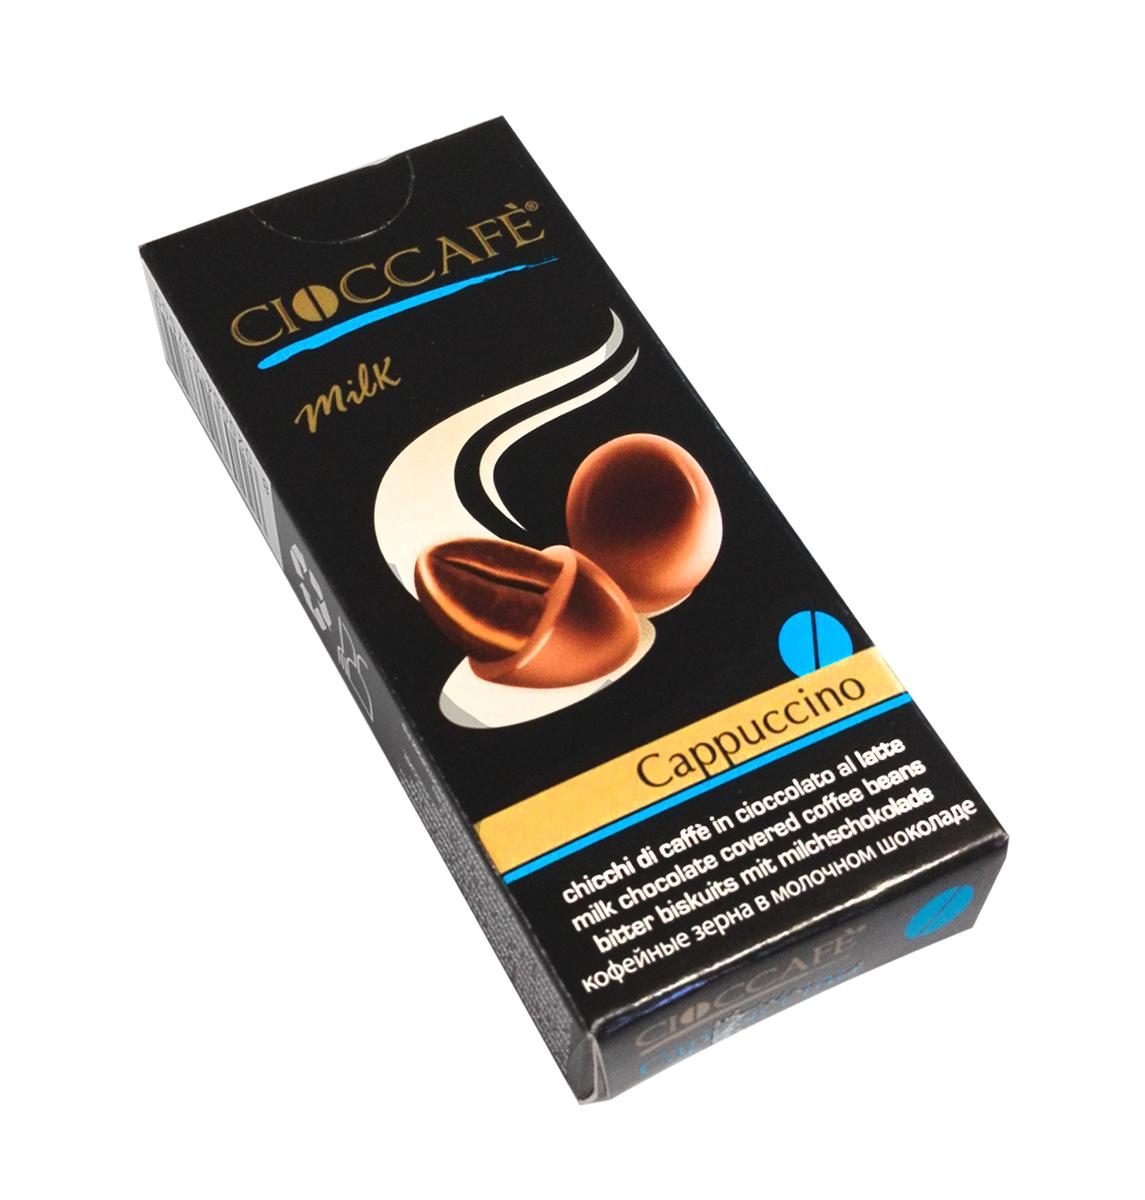 """Cioccafe Капучино кофейные зерна в молочном шоколаде, 25 г45010Драже """"Cioccafe"""" - обжаренные кофейные зерна, покрытые шоколадом. Необычная комбинация кофейных зерен и шоколада выделяет этот продукт среди других товаров."""